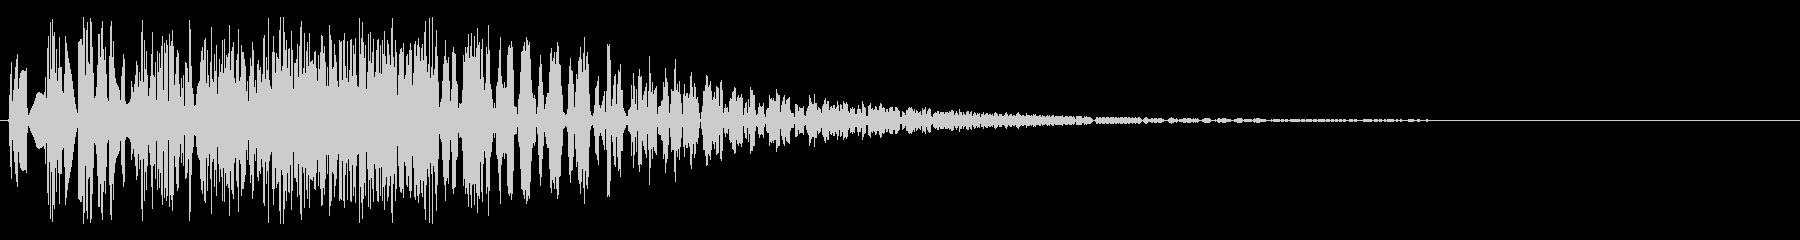 バシャッ06(水・液体系のアクション音)の未再生の波形